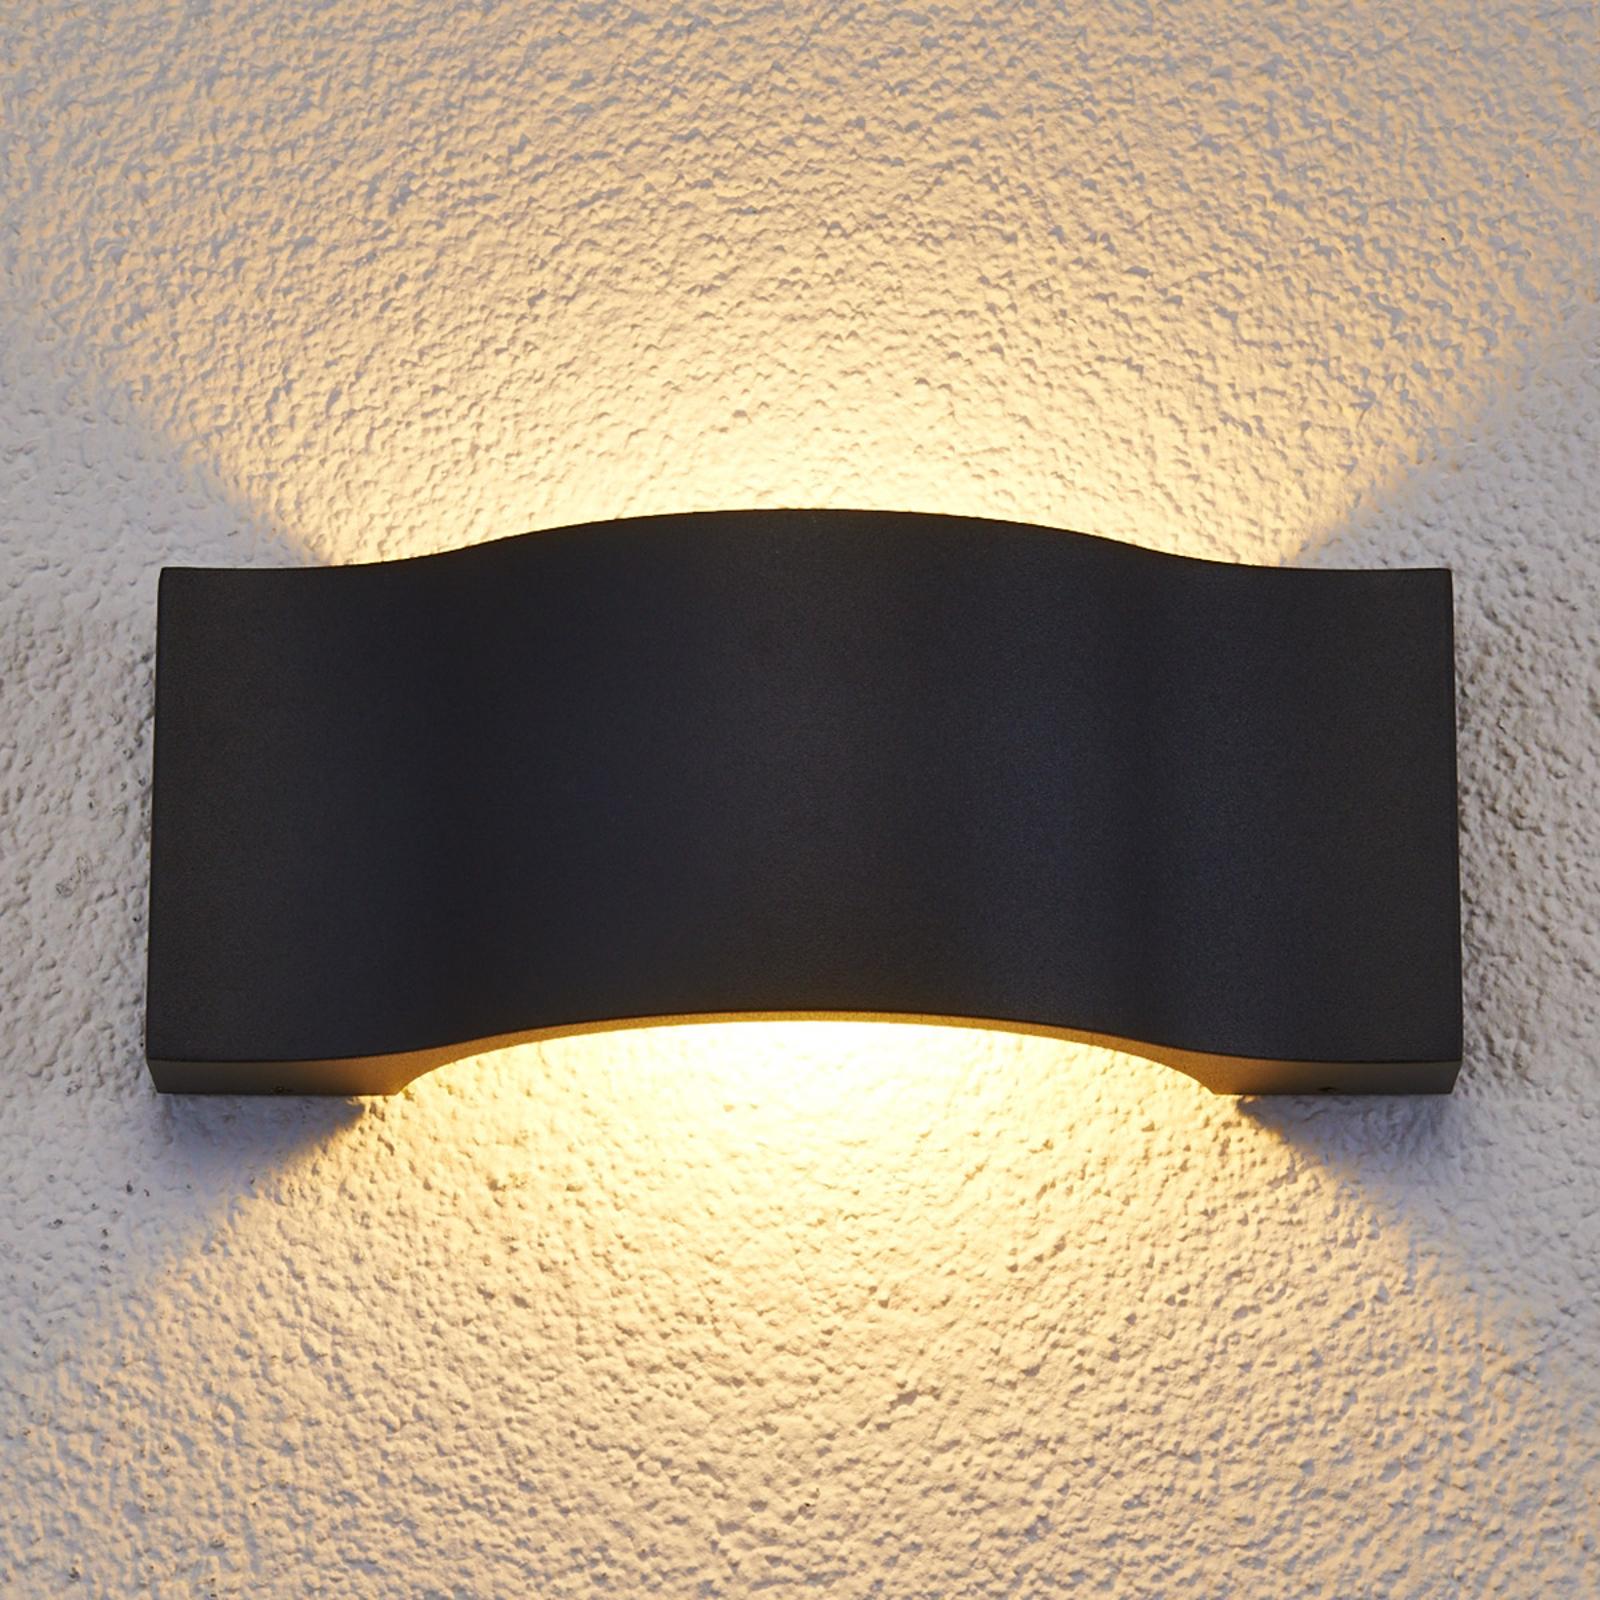 LED-Außenwandleuchte Jace, graphit